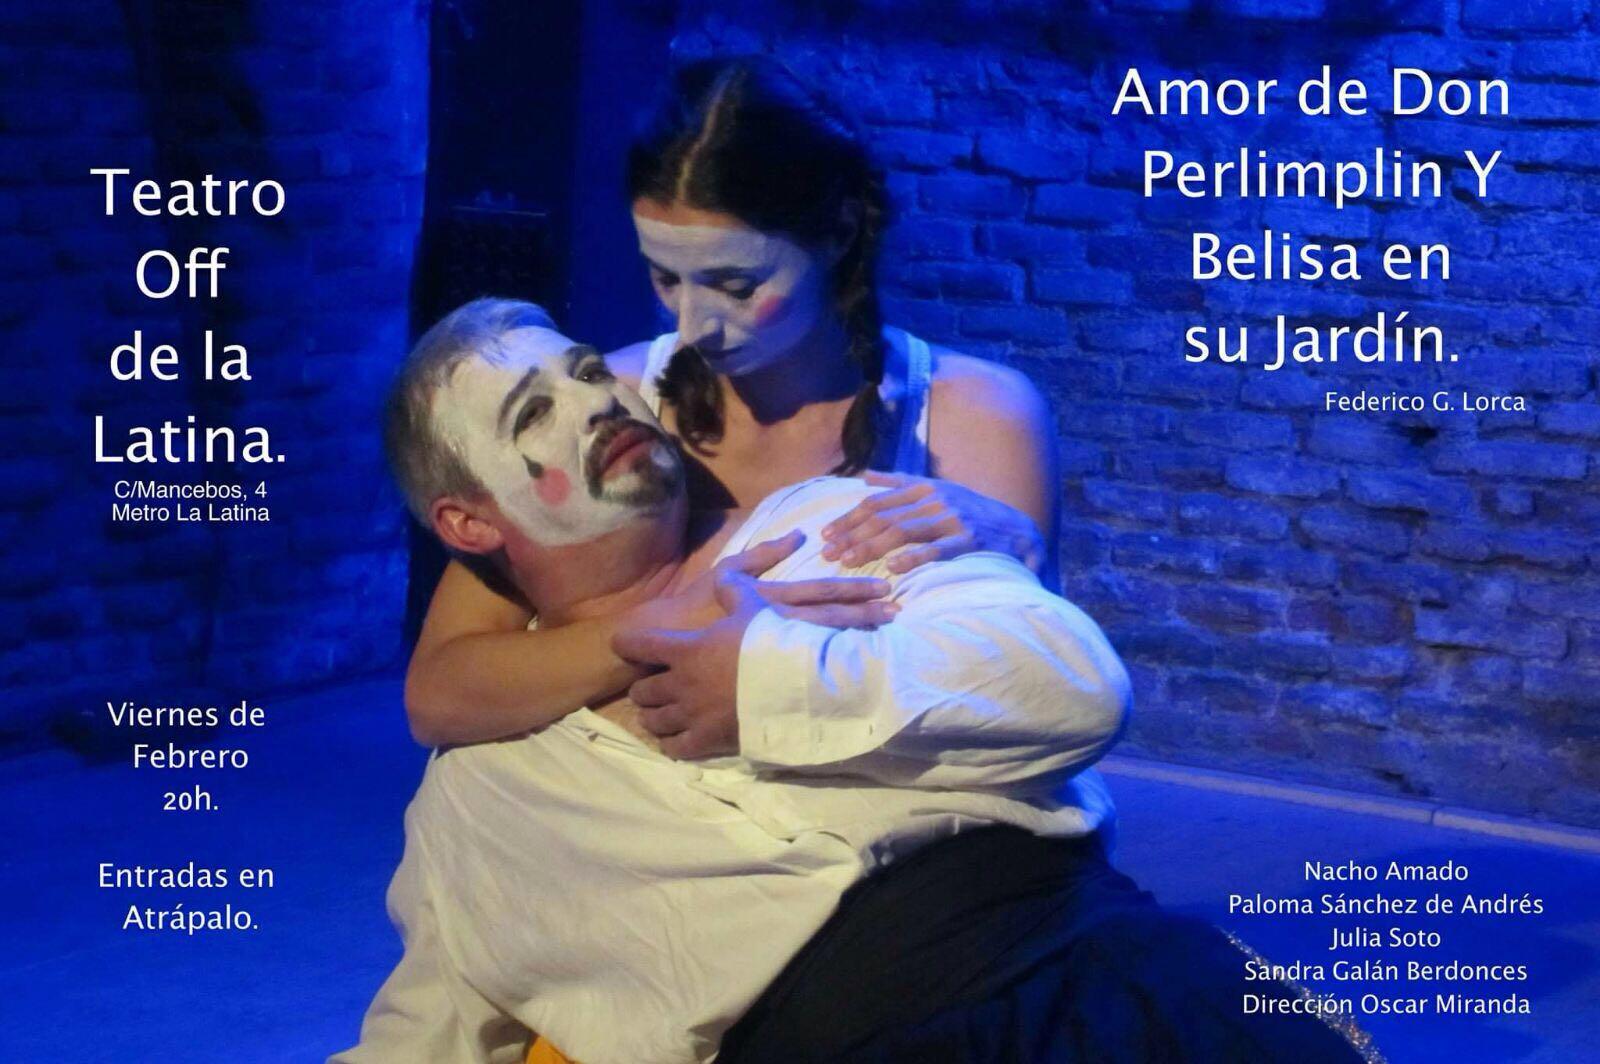 Suburbana madrid ruido de tablas teatro amor de don for Amor de don perlimplin con belisa en su jardin